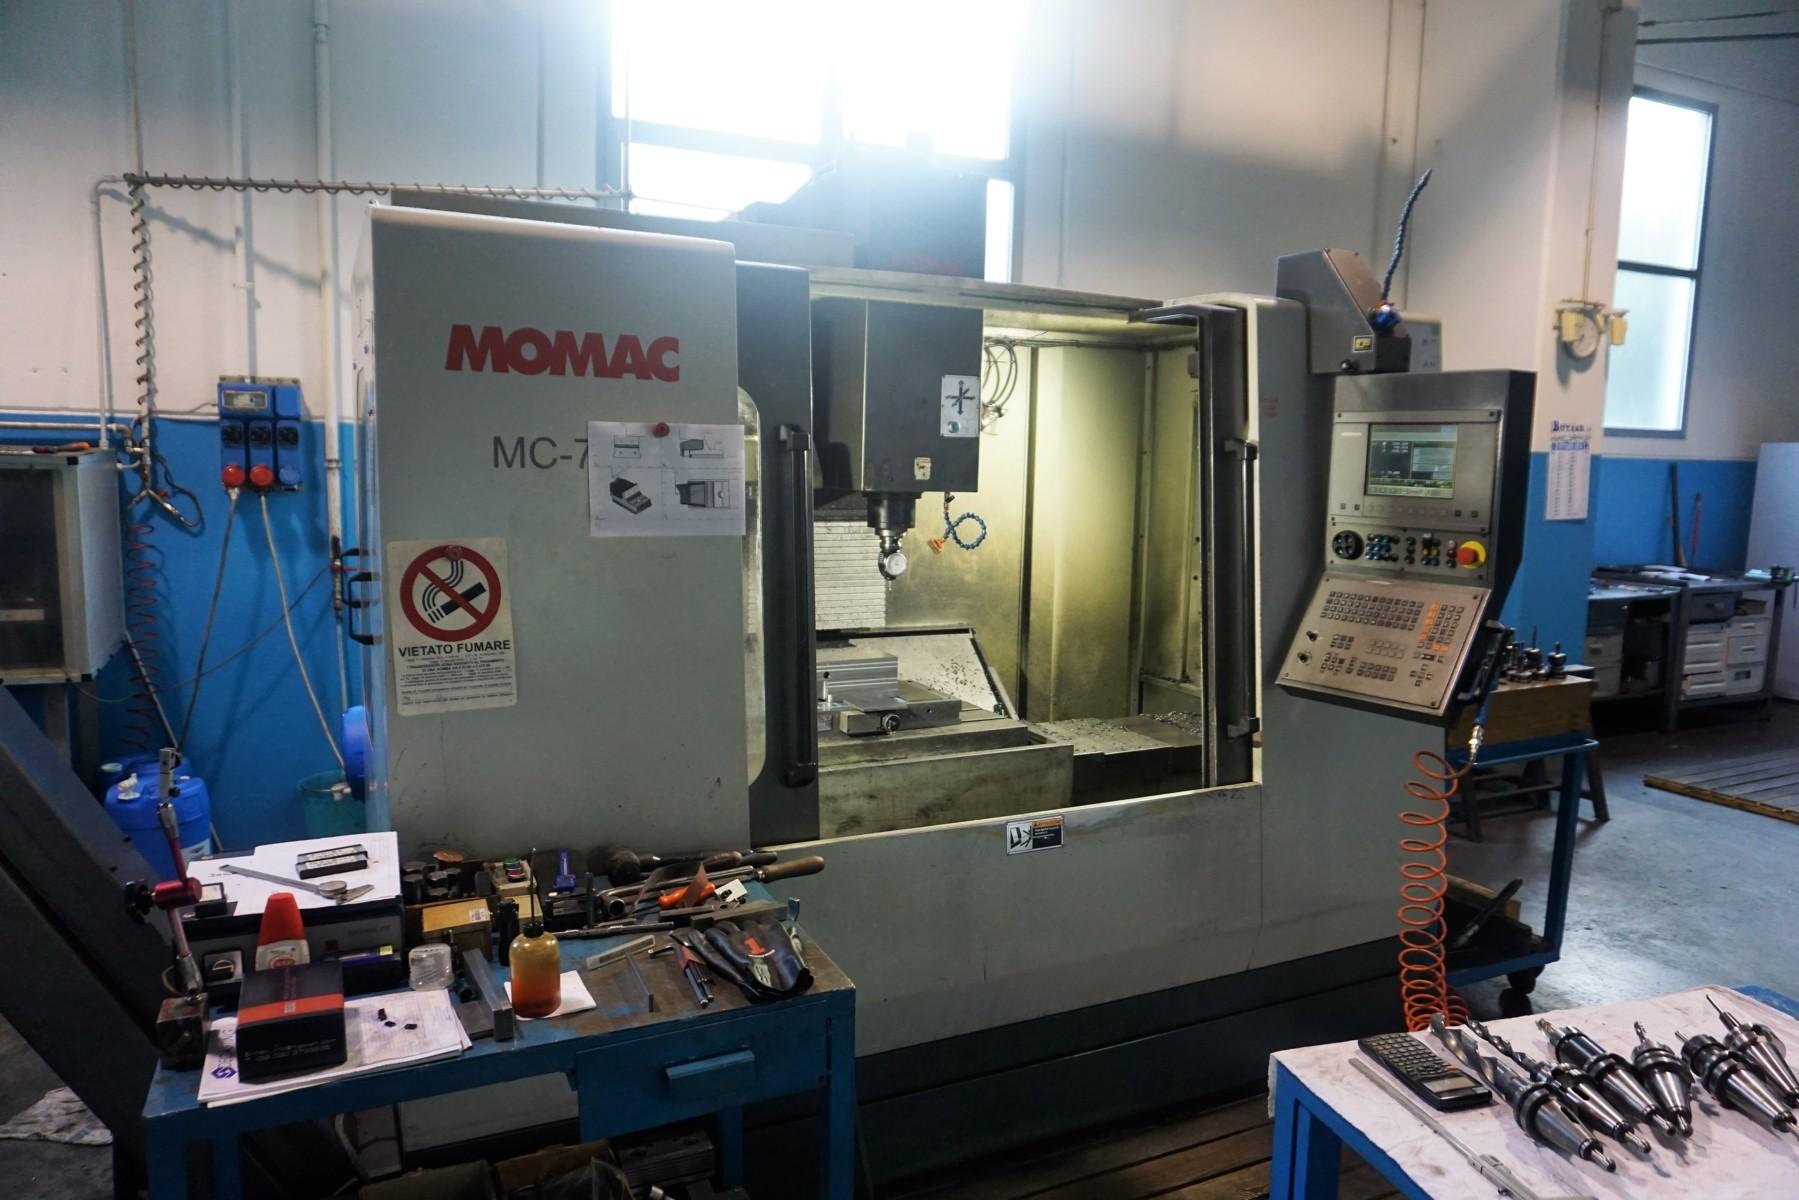 MOMAC - MC 750